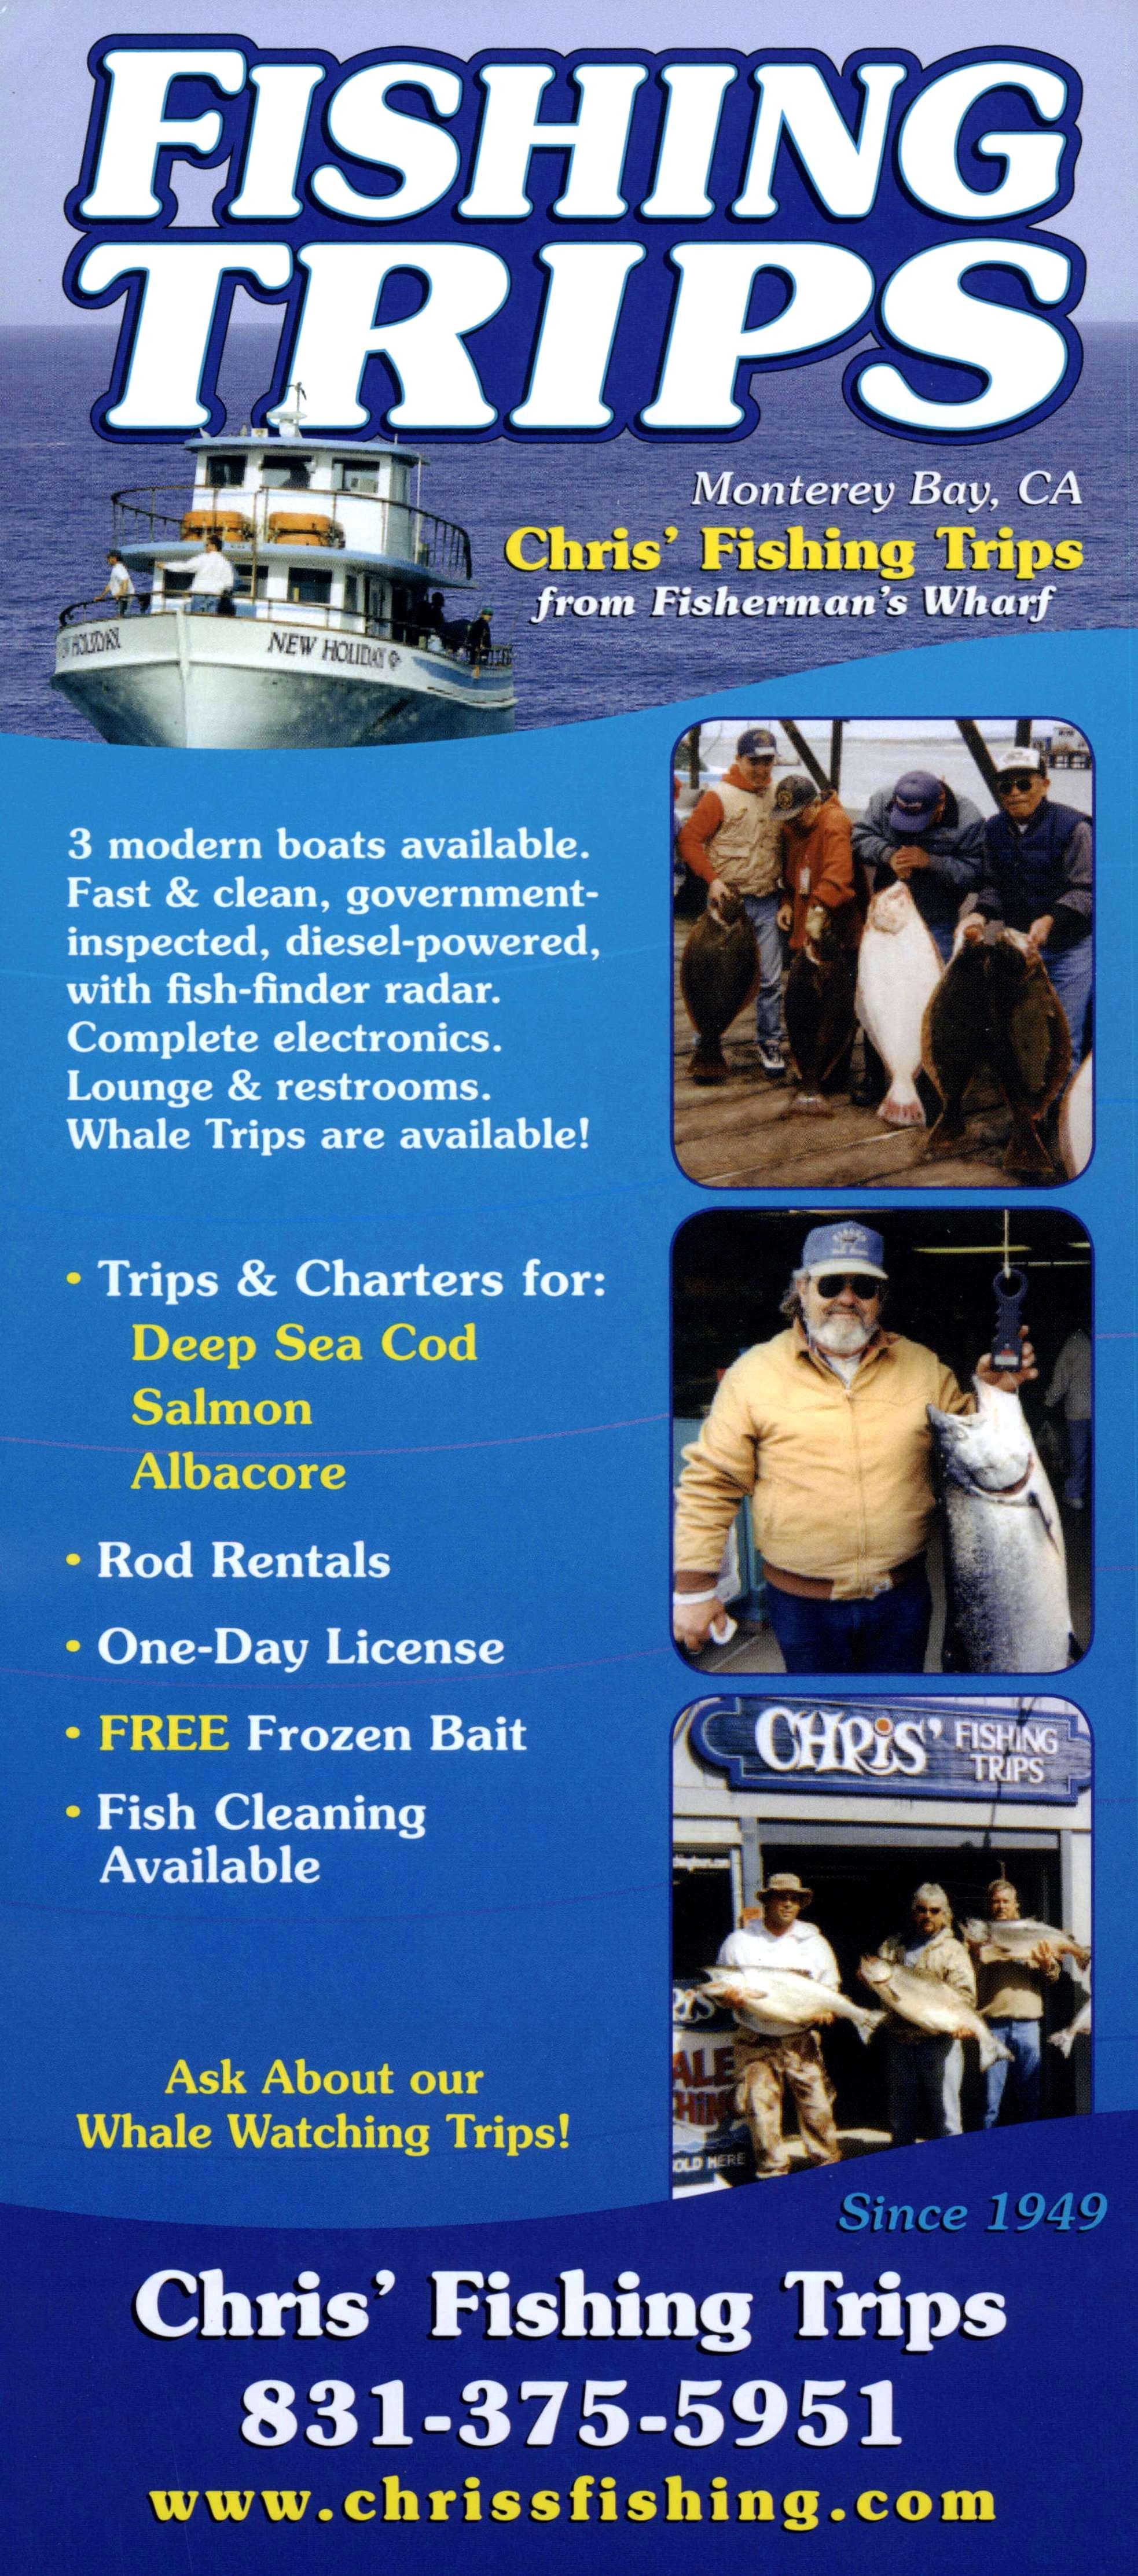 Chris' Fishing Trips